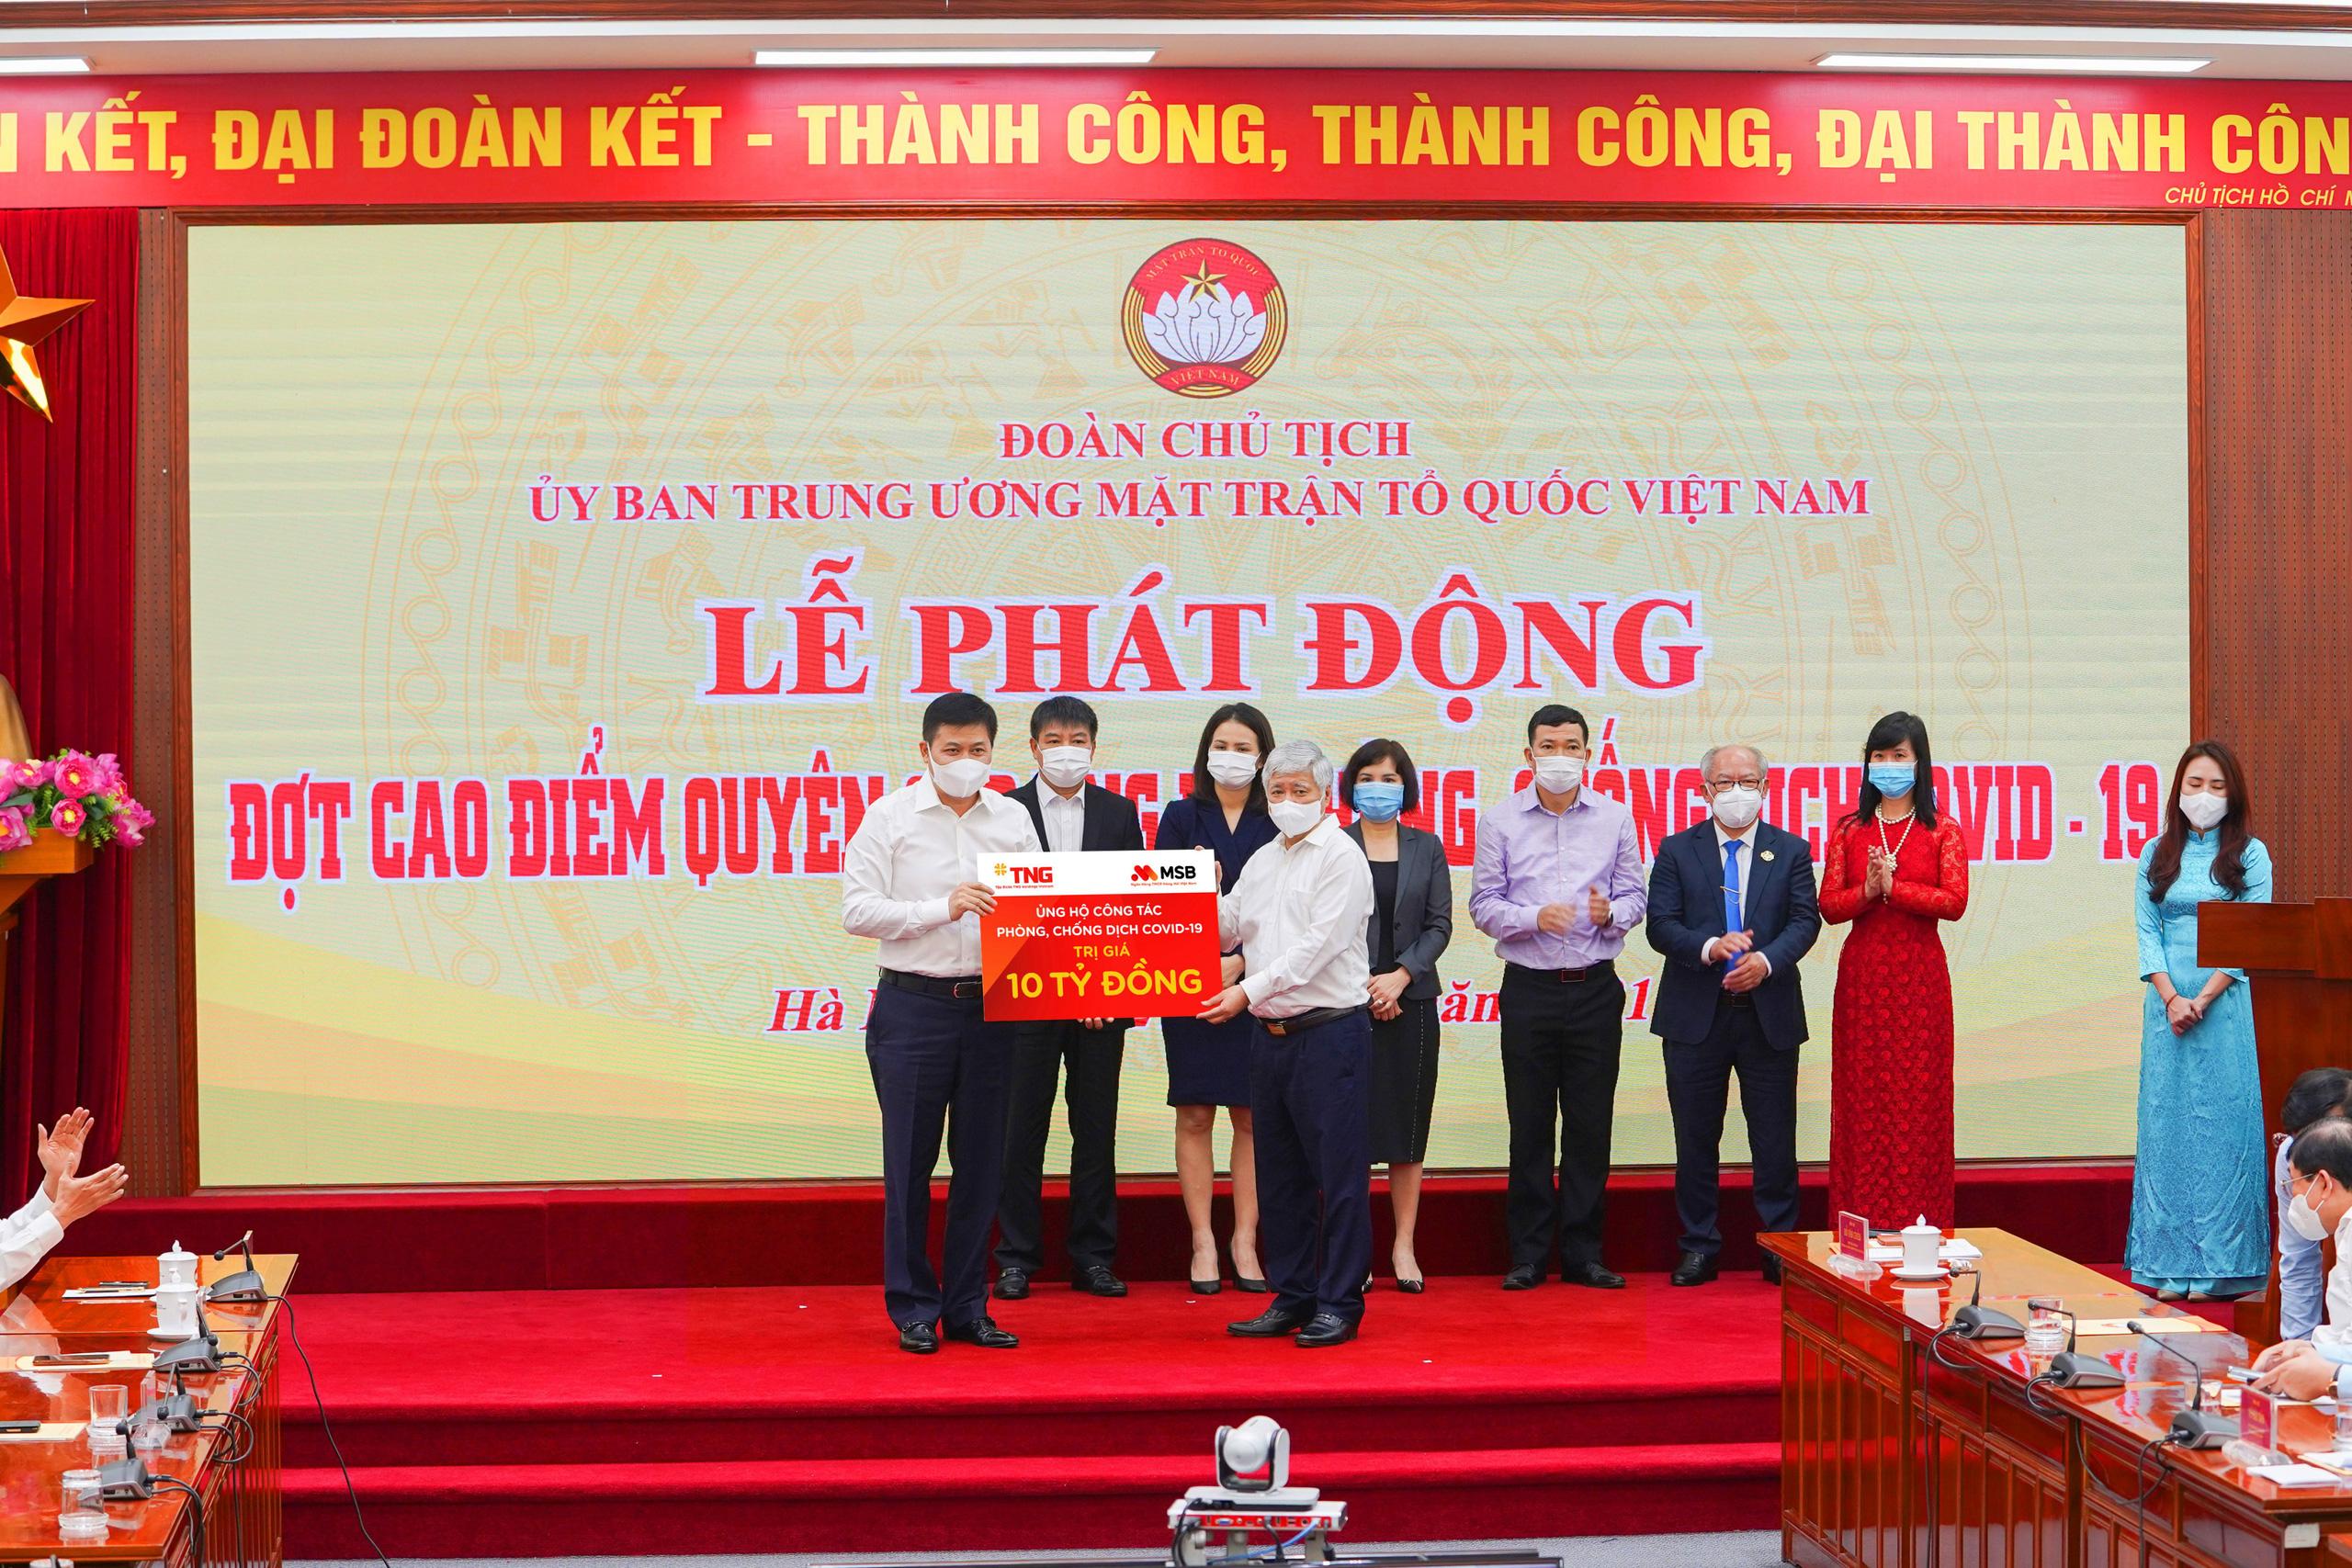 Ngân hàng MSB và Tập đoàn TNG Holdings Việt Nam ủng hộ 30 tỷ đồng cho quỹ phòng chống dịch Covid-19 - Ảnh 1.